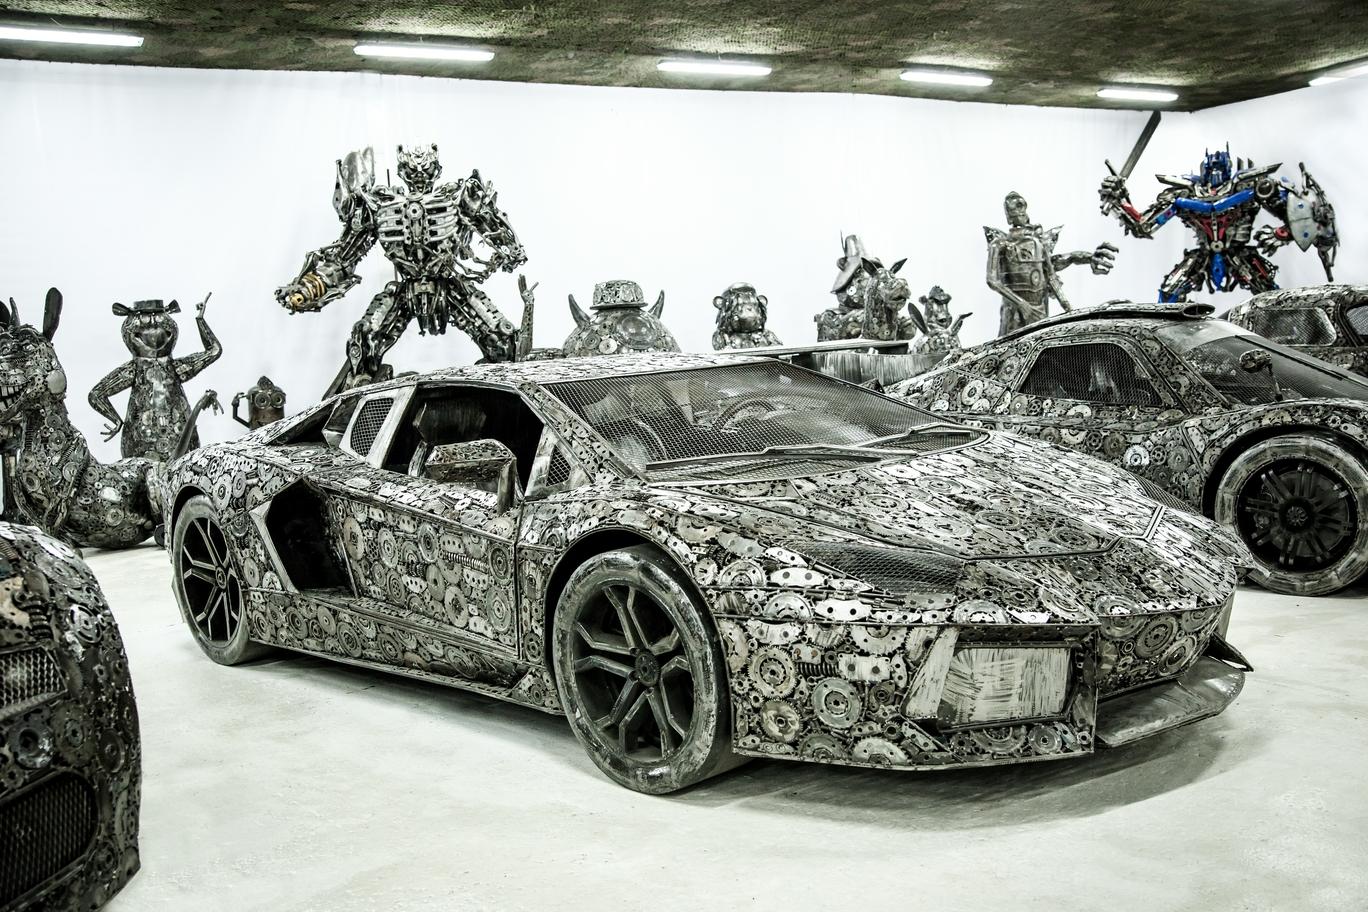 Scrap Lambo Aventador